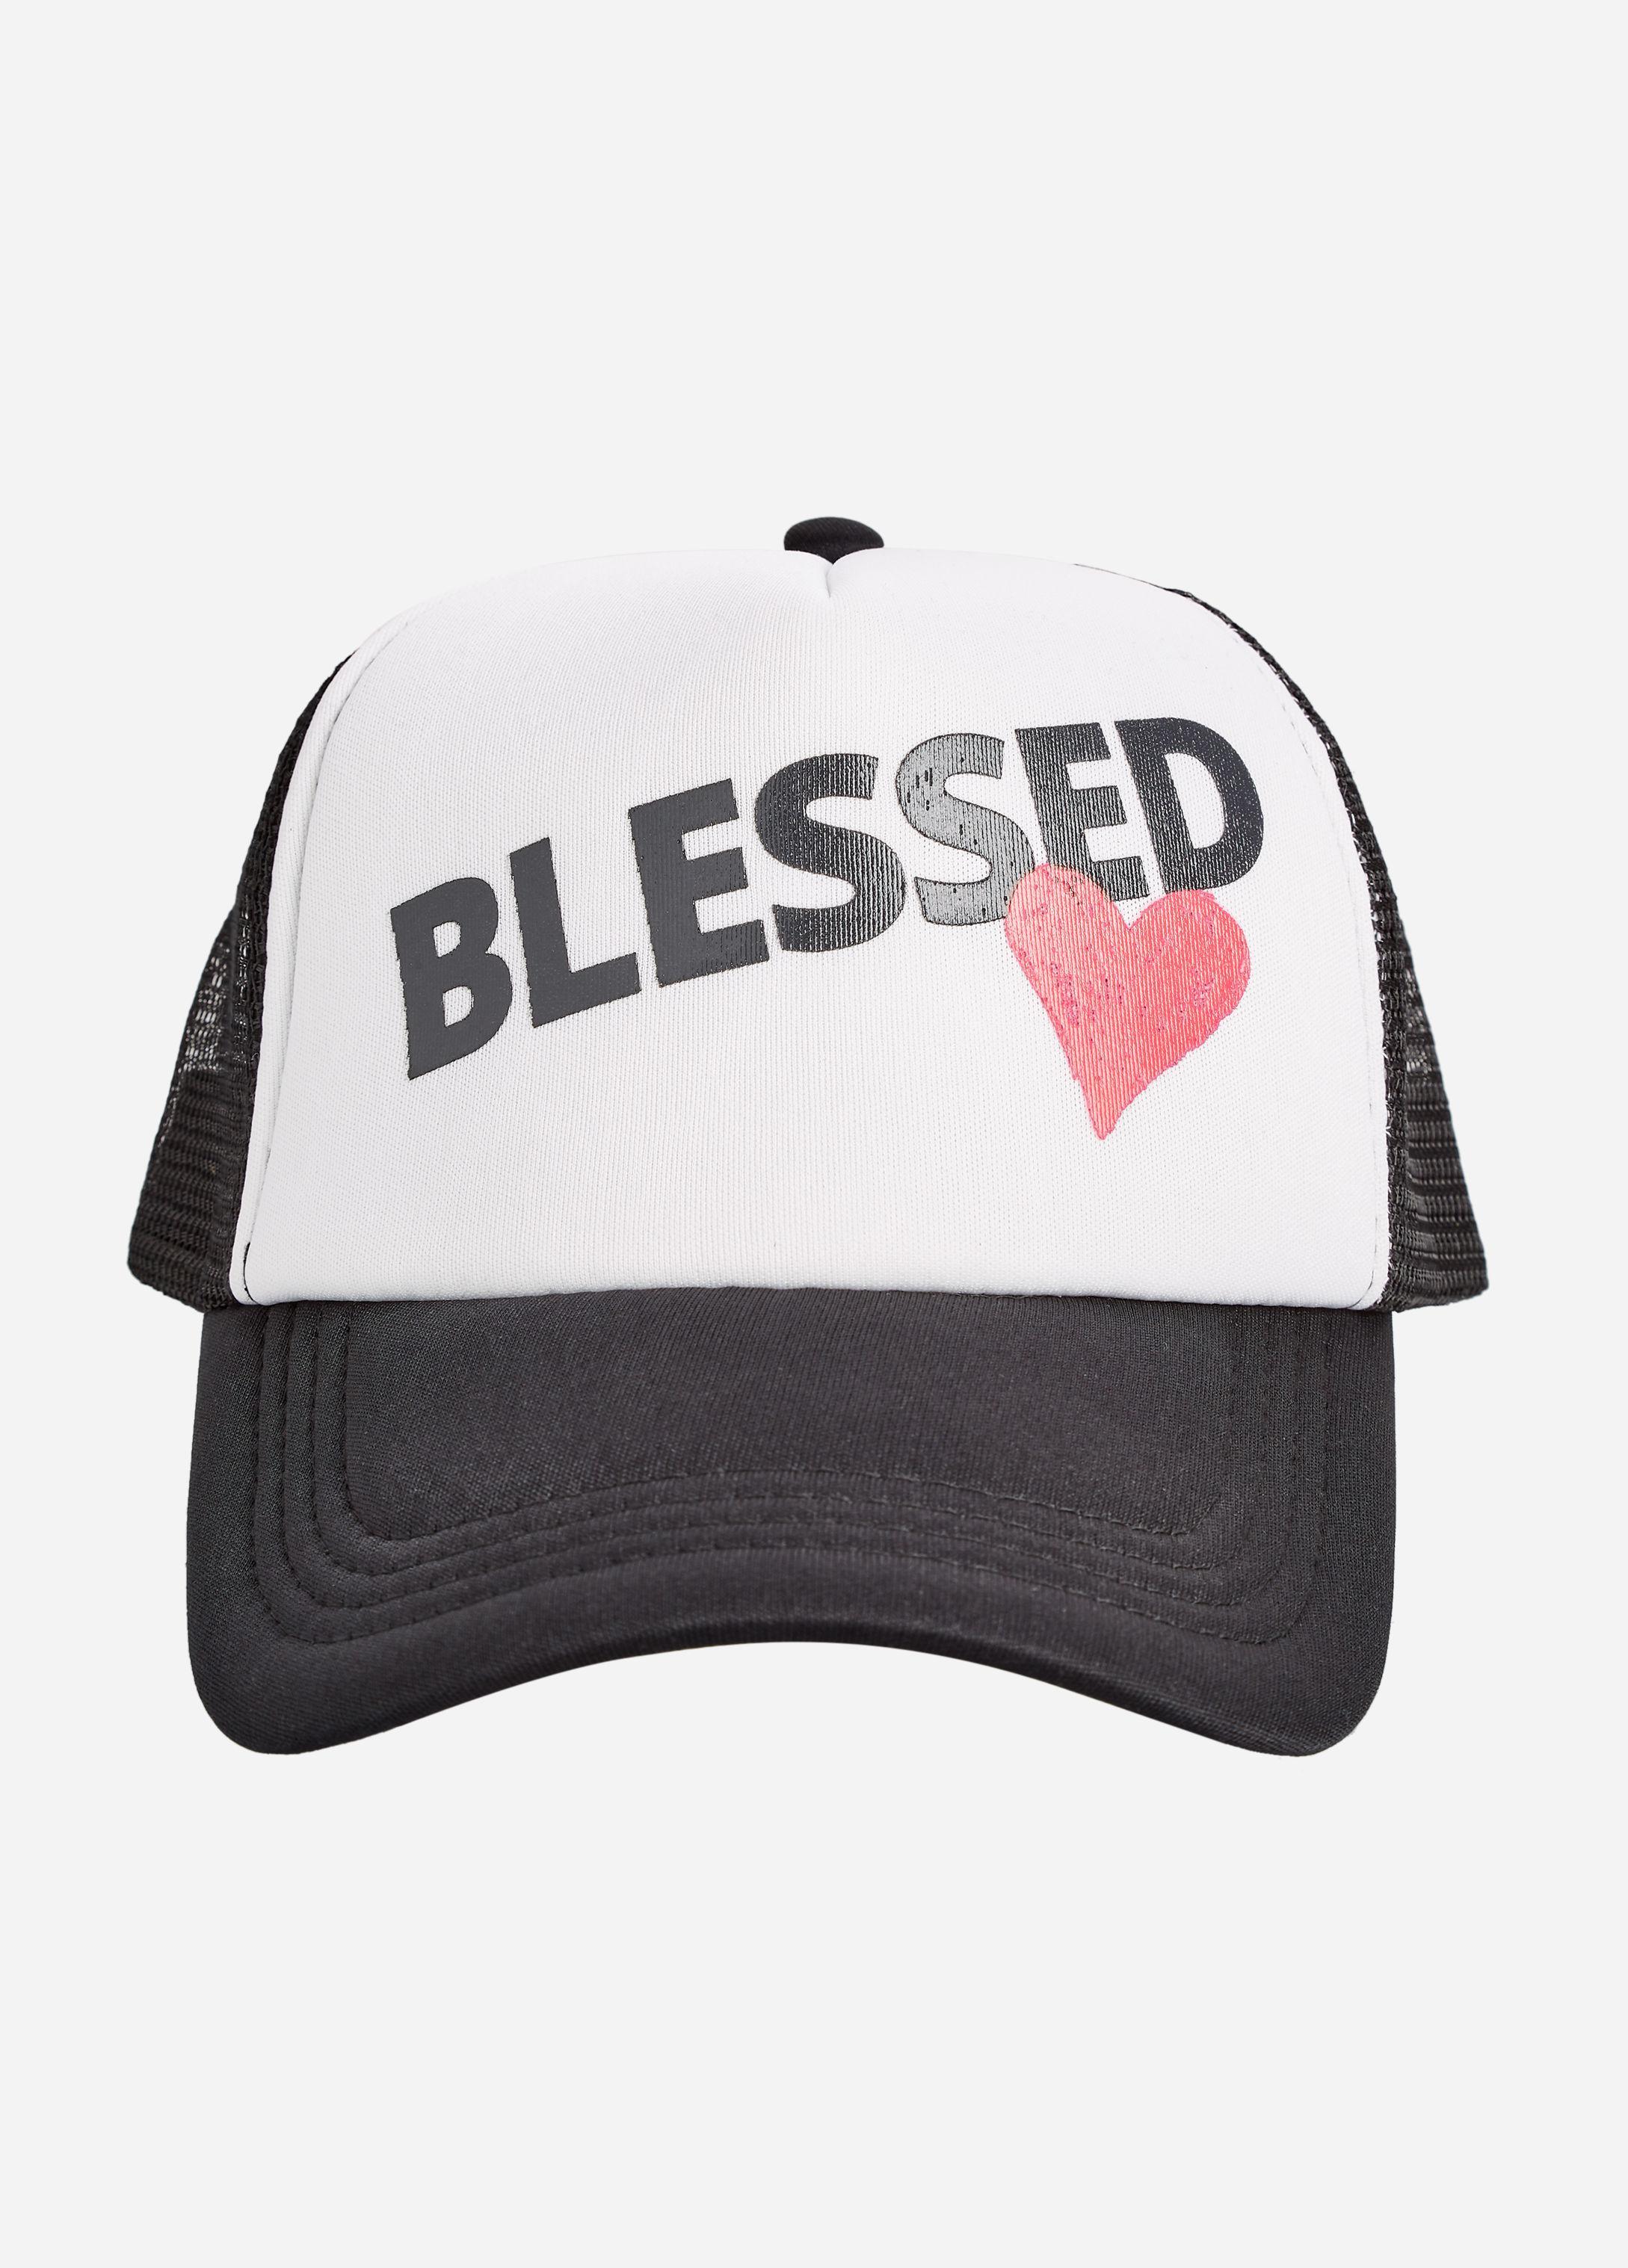 Lyst - Ashley Stewart Blessed Trucker Hat in Black for Men 42e4f54d0f44